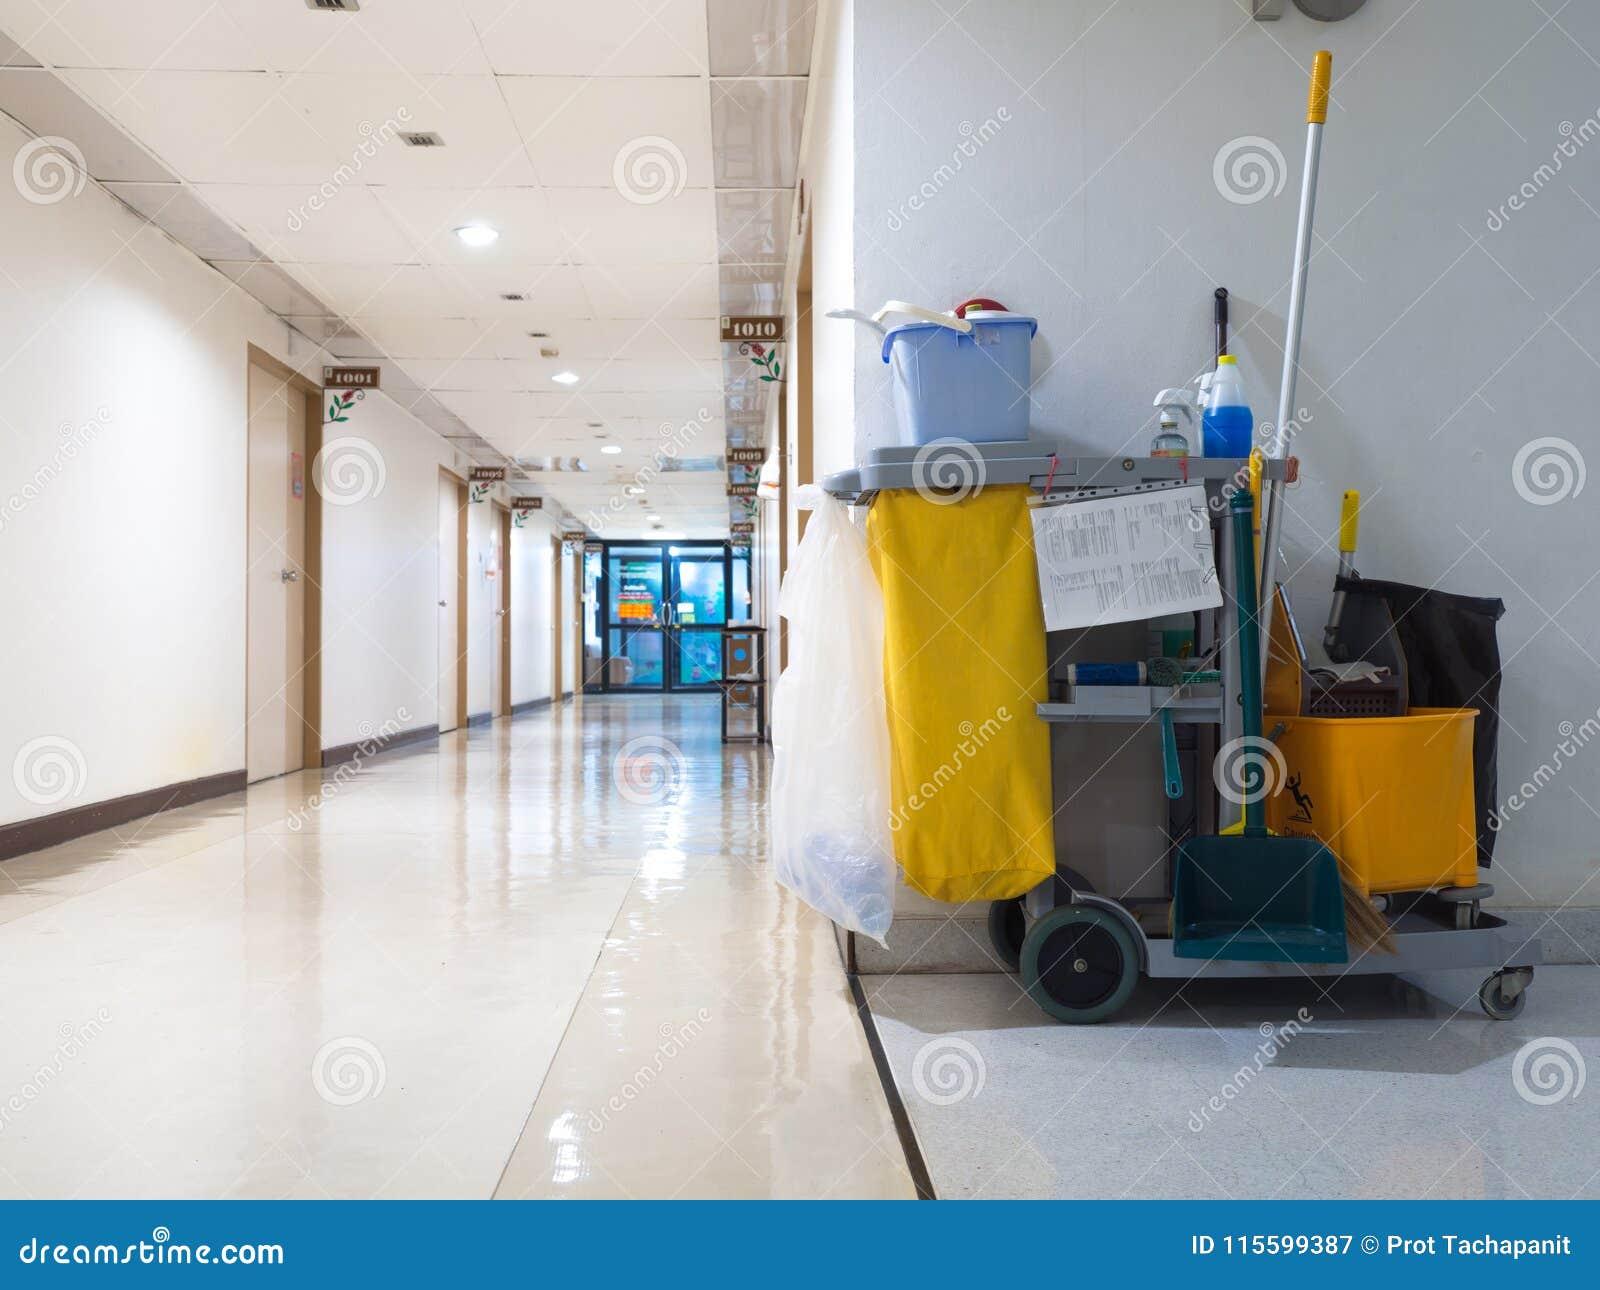 Reinigungswerkzeugwarenkorbwartung Mädchen oder Reiniger im Krankenhaus Eimer und Satz Reinigungsanlage im Krankenhaus Konzept